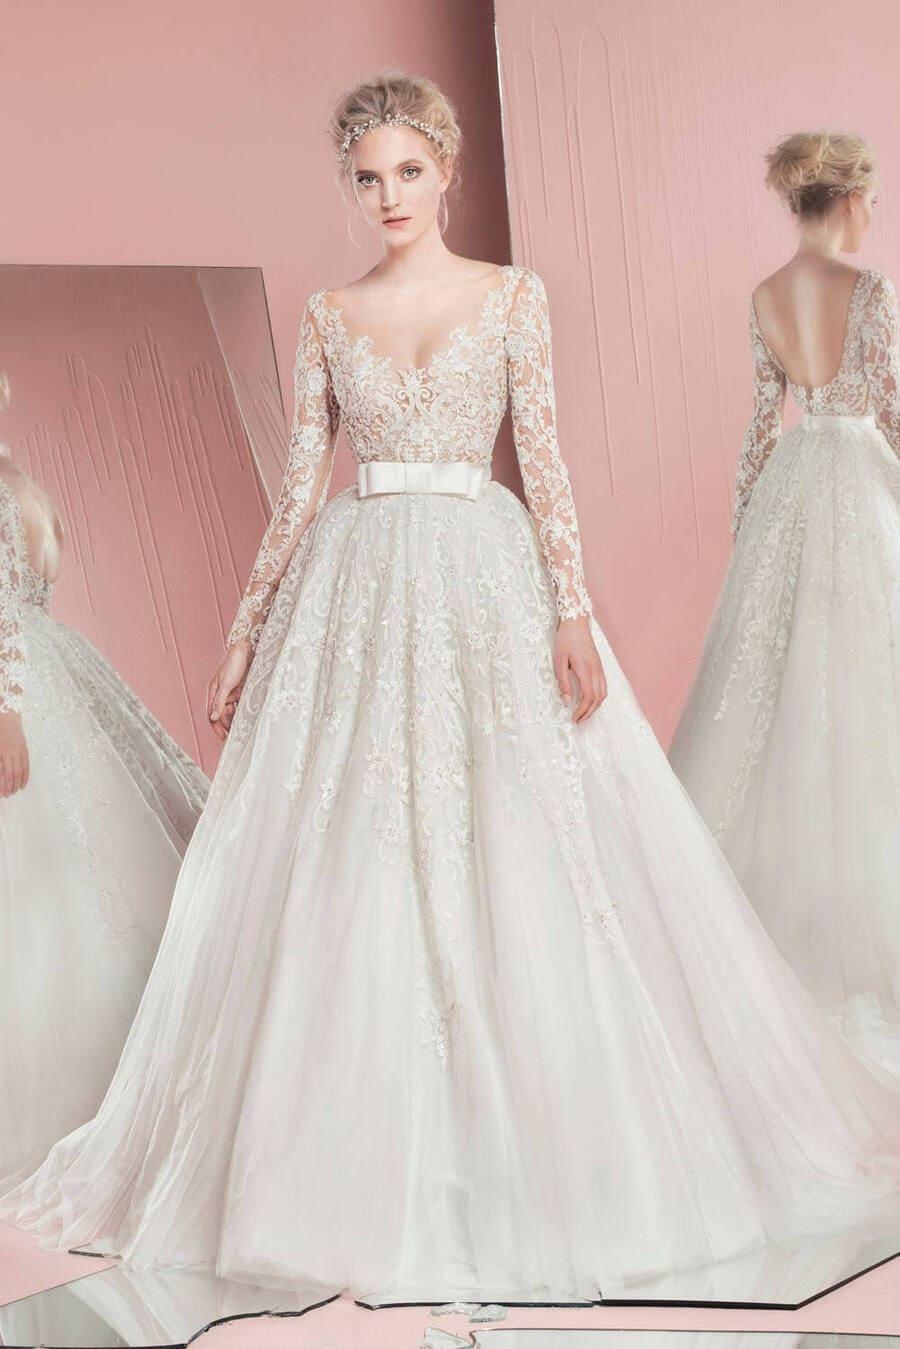 Chọn váy cưới cho cô dâu thấp gầy bằng những thiết kế chiết eo ở ngực Mate